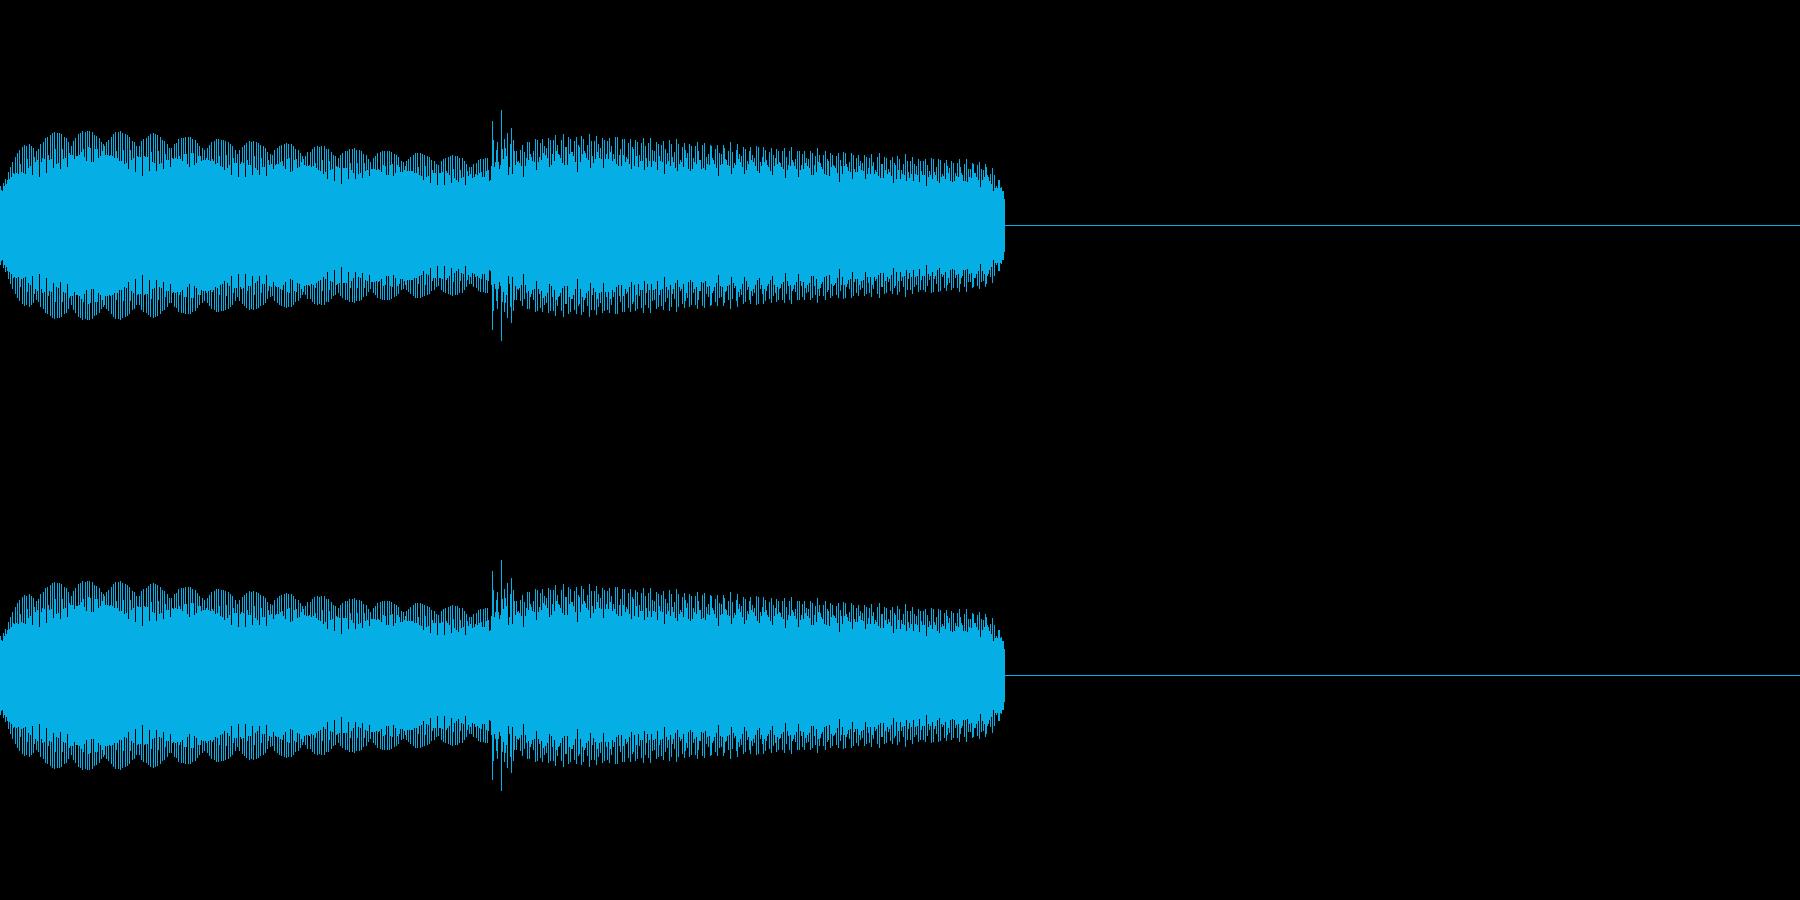 「ピキ」レトロゲーム風の氷、魔法、決定音の再生済みの波形